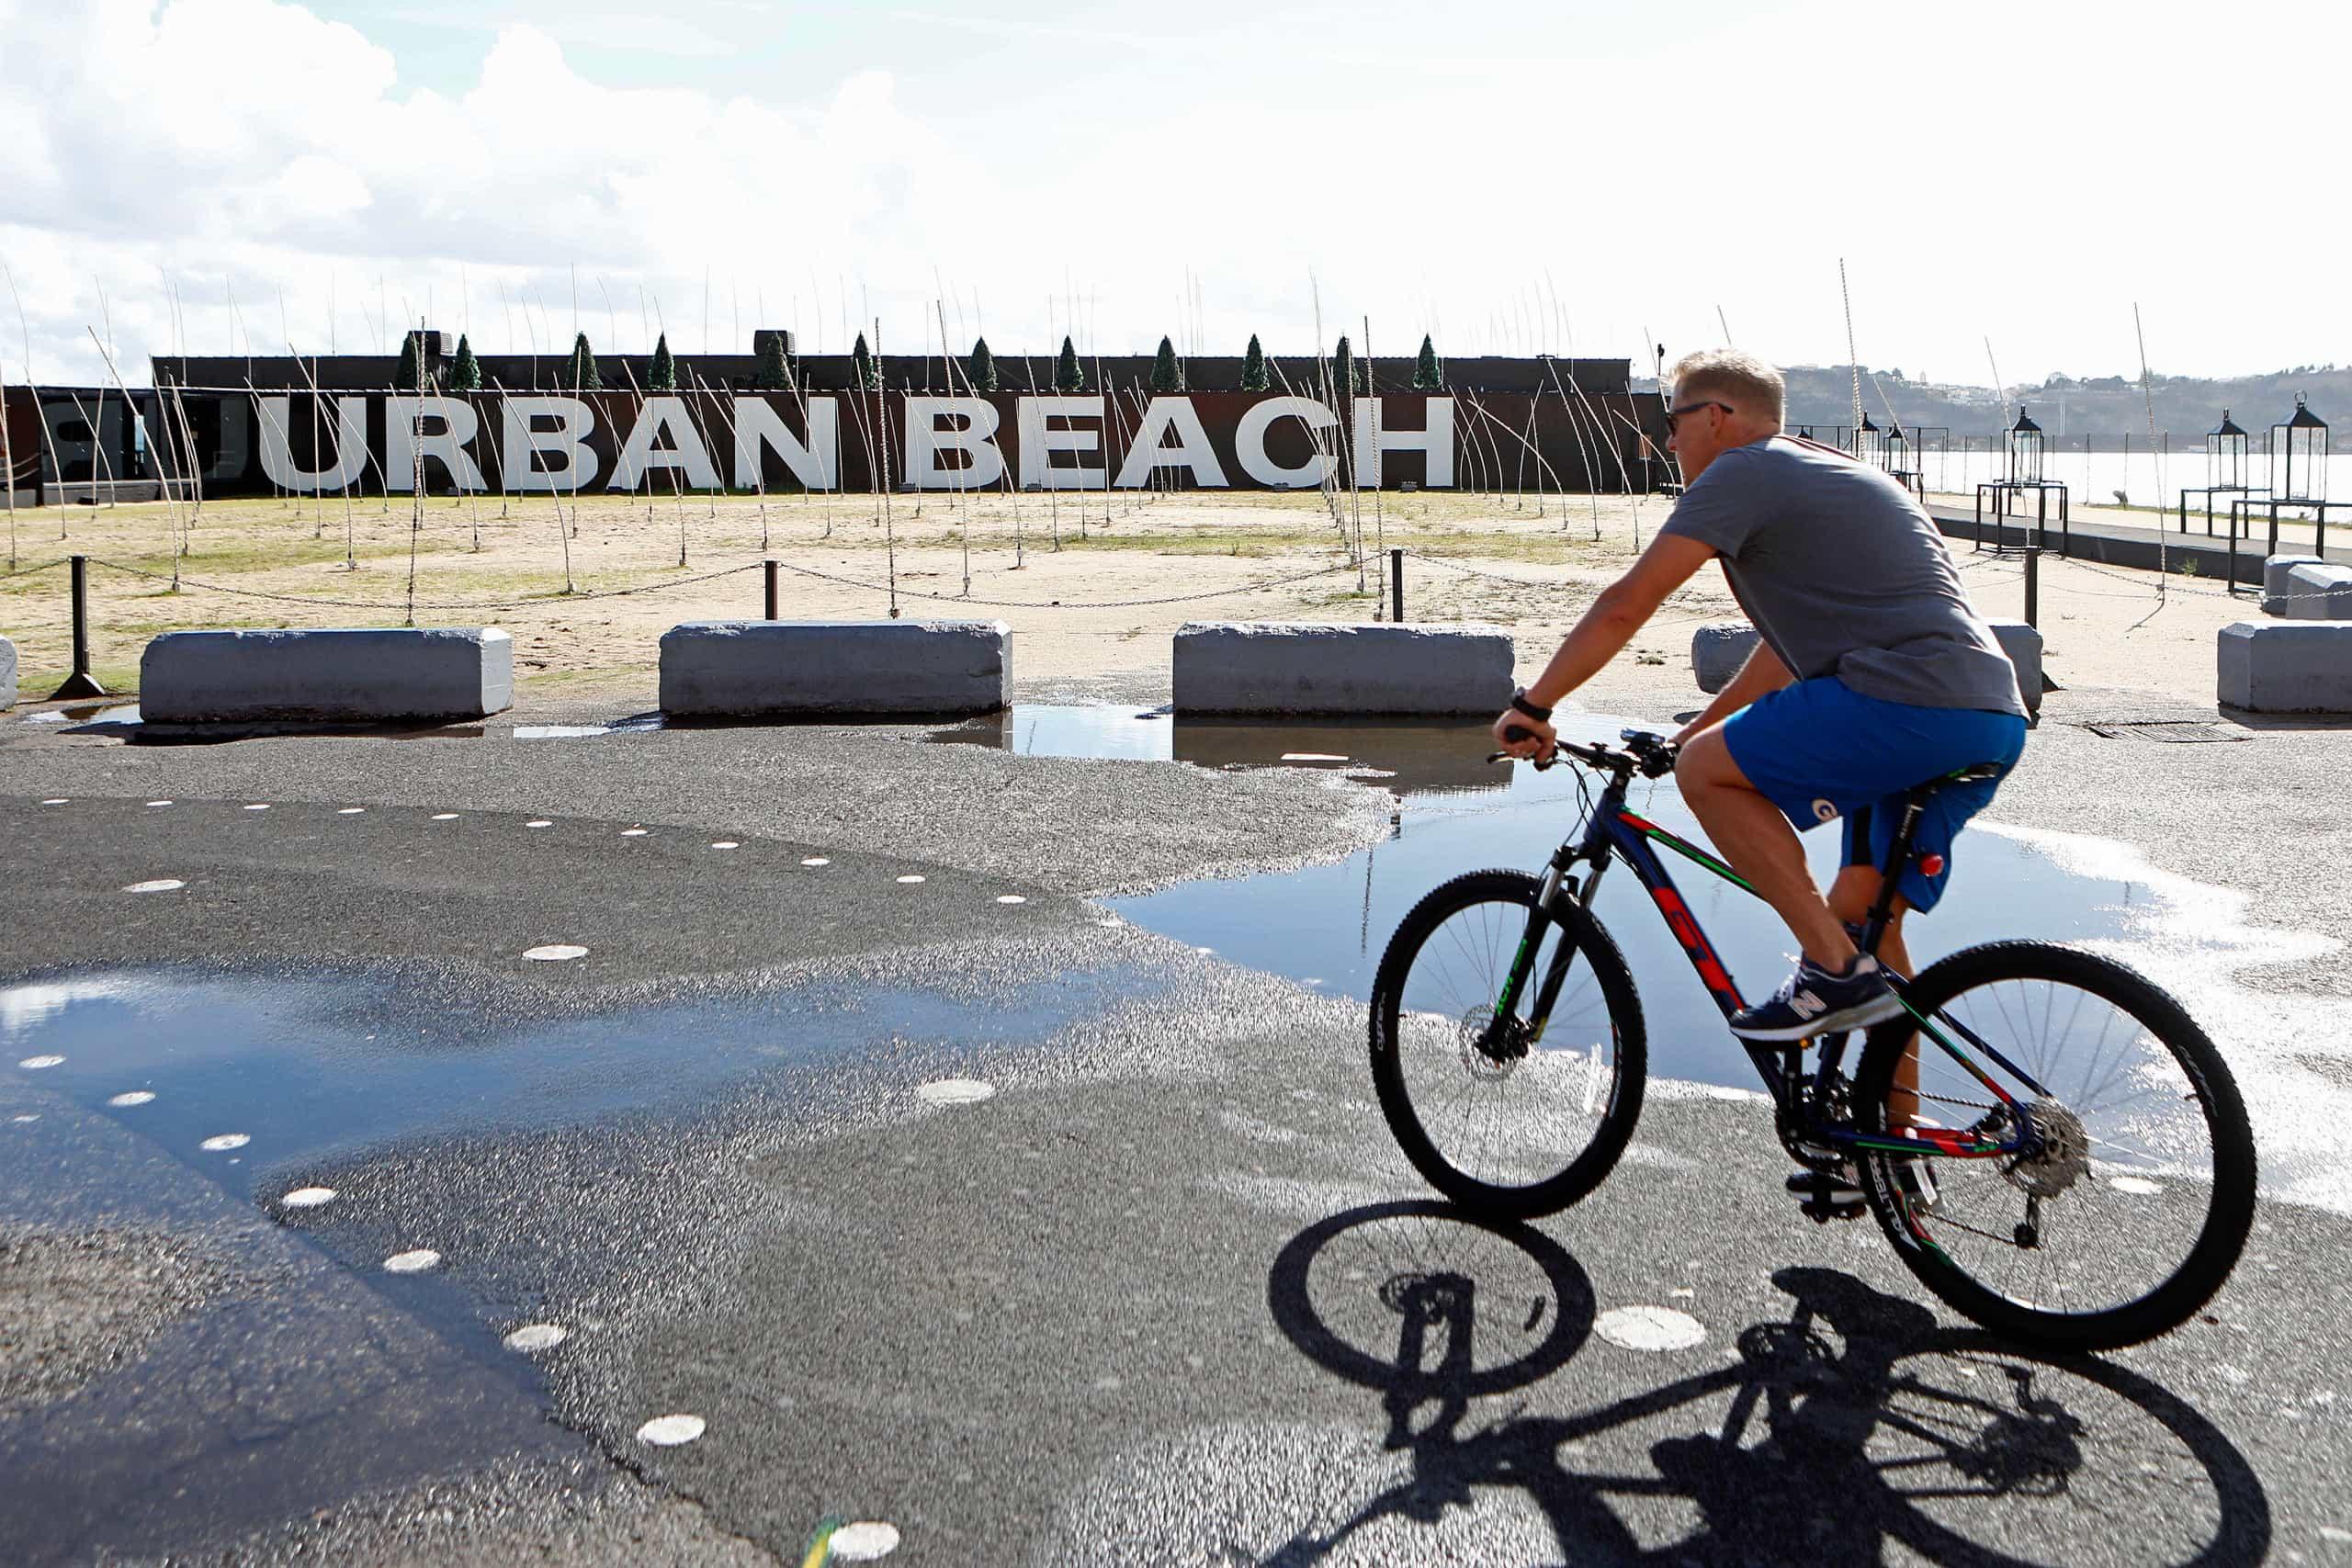 Julgamento dos três ex-seguranças da discoteca Urban Beach começa hoje